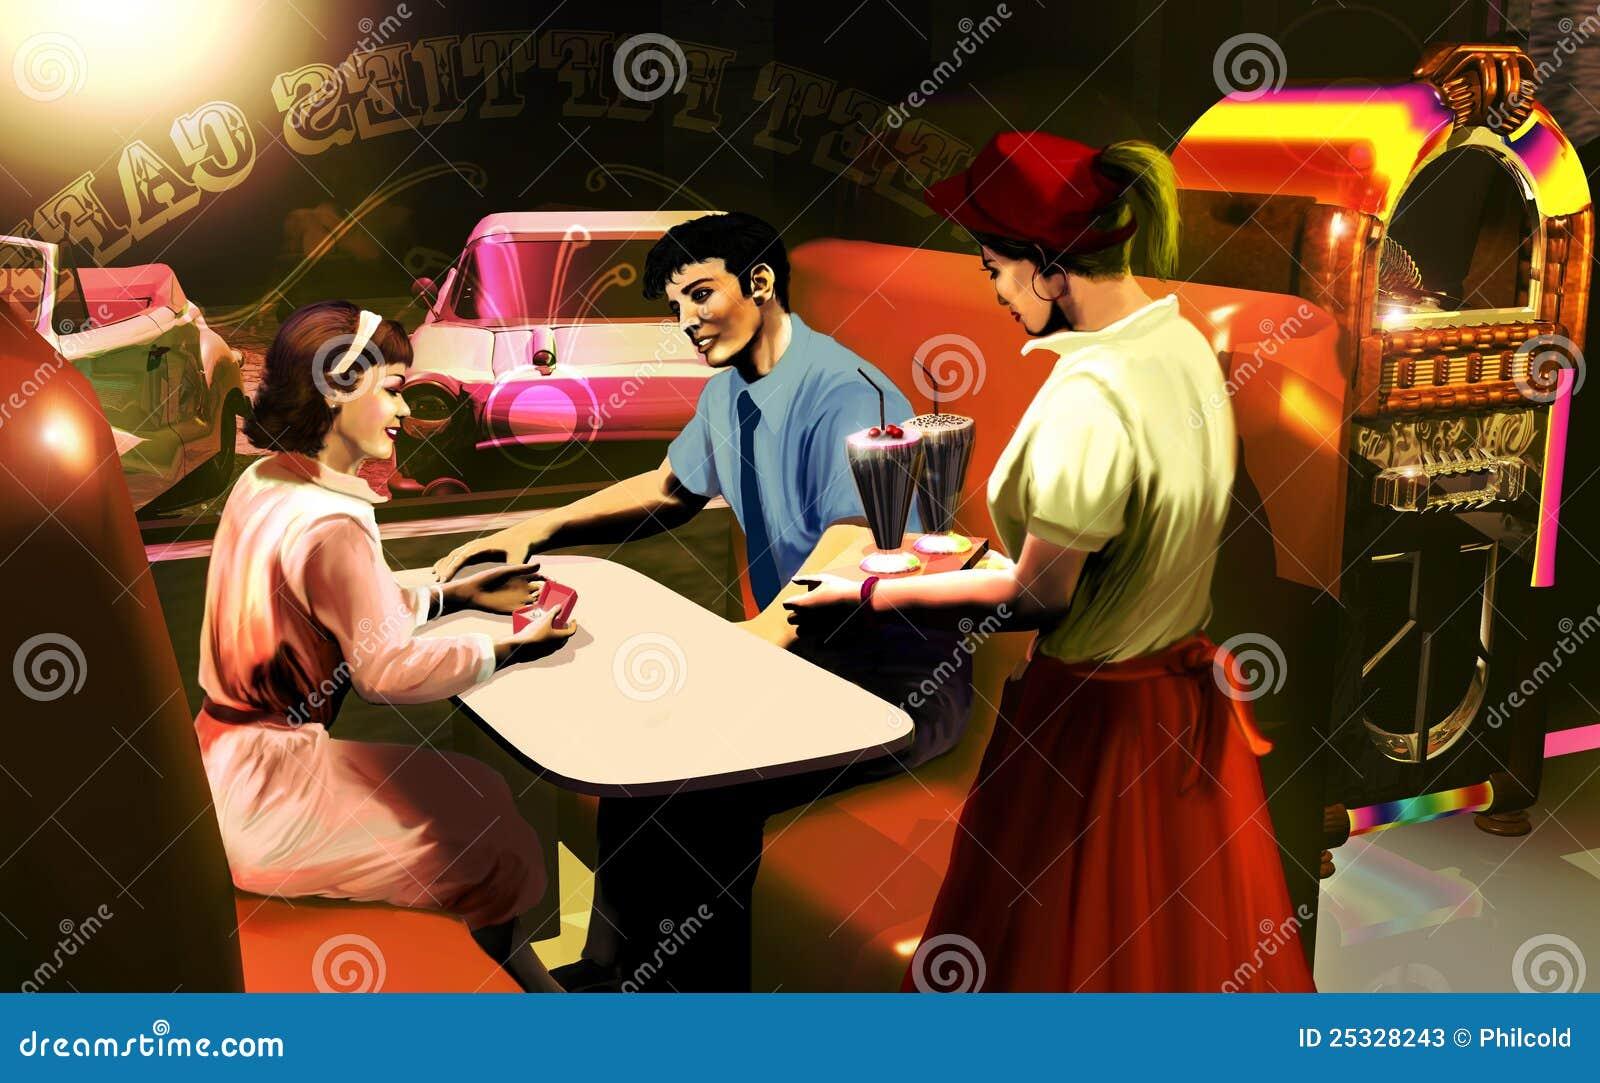 Fifties Cafe Scene Stock Photos Image 25328243